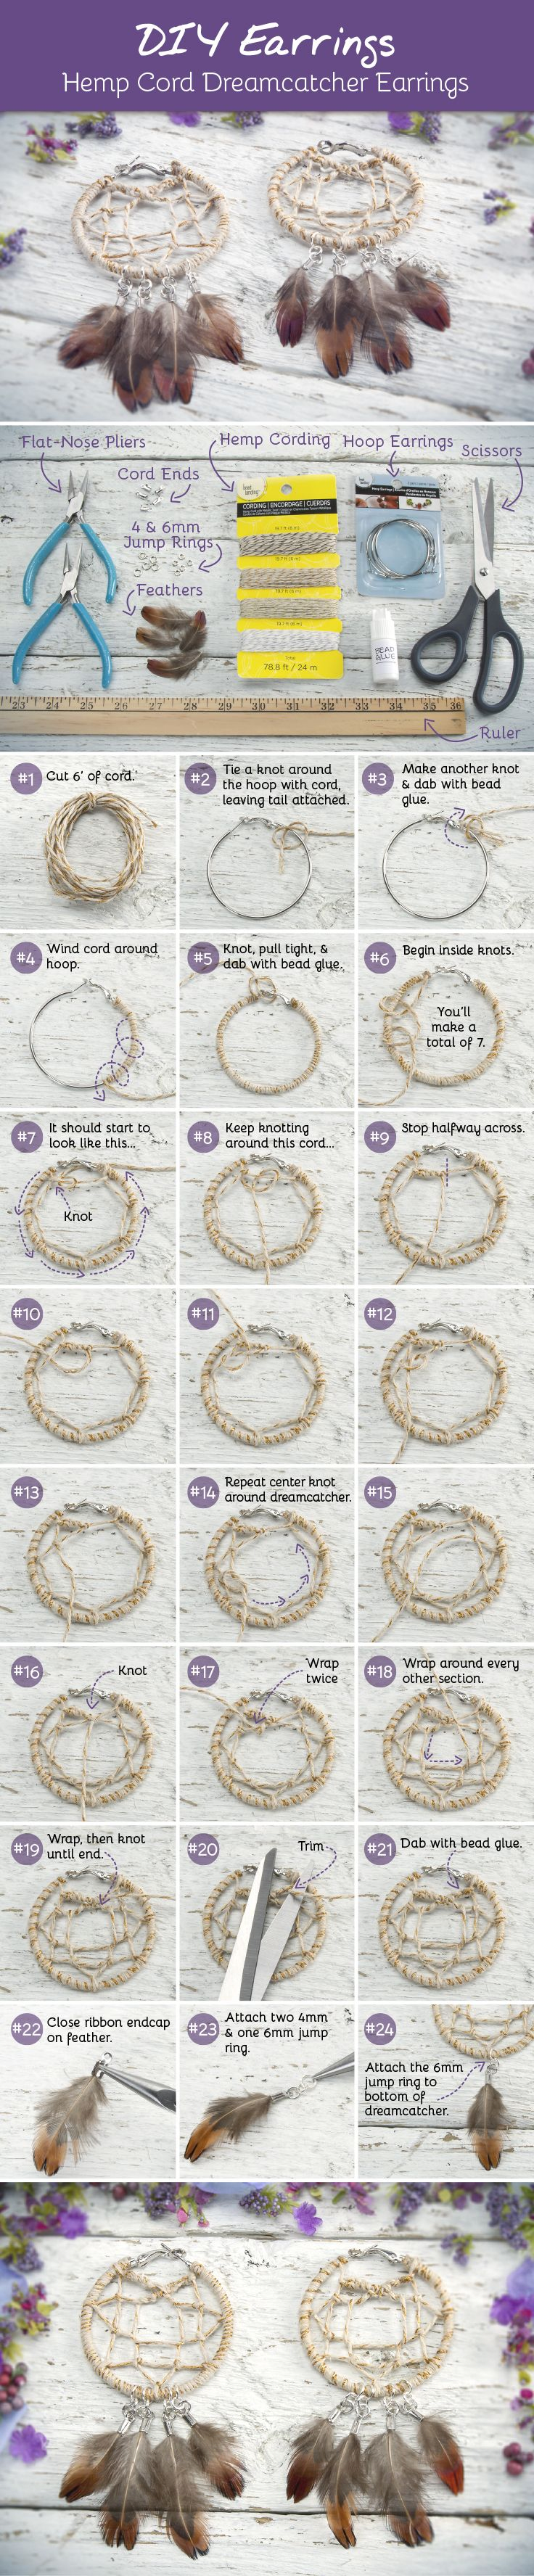 Dream Catcher Earrings - DIY Festival Chic Jewelry